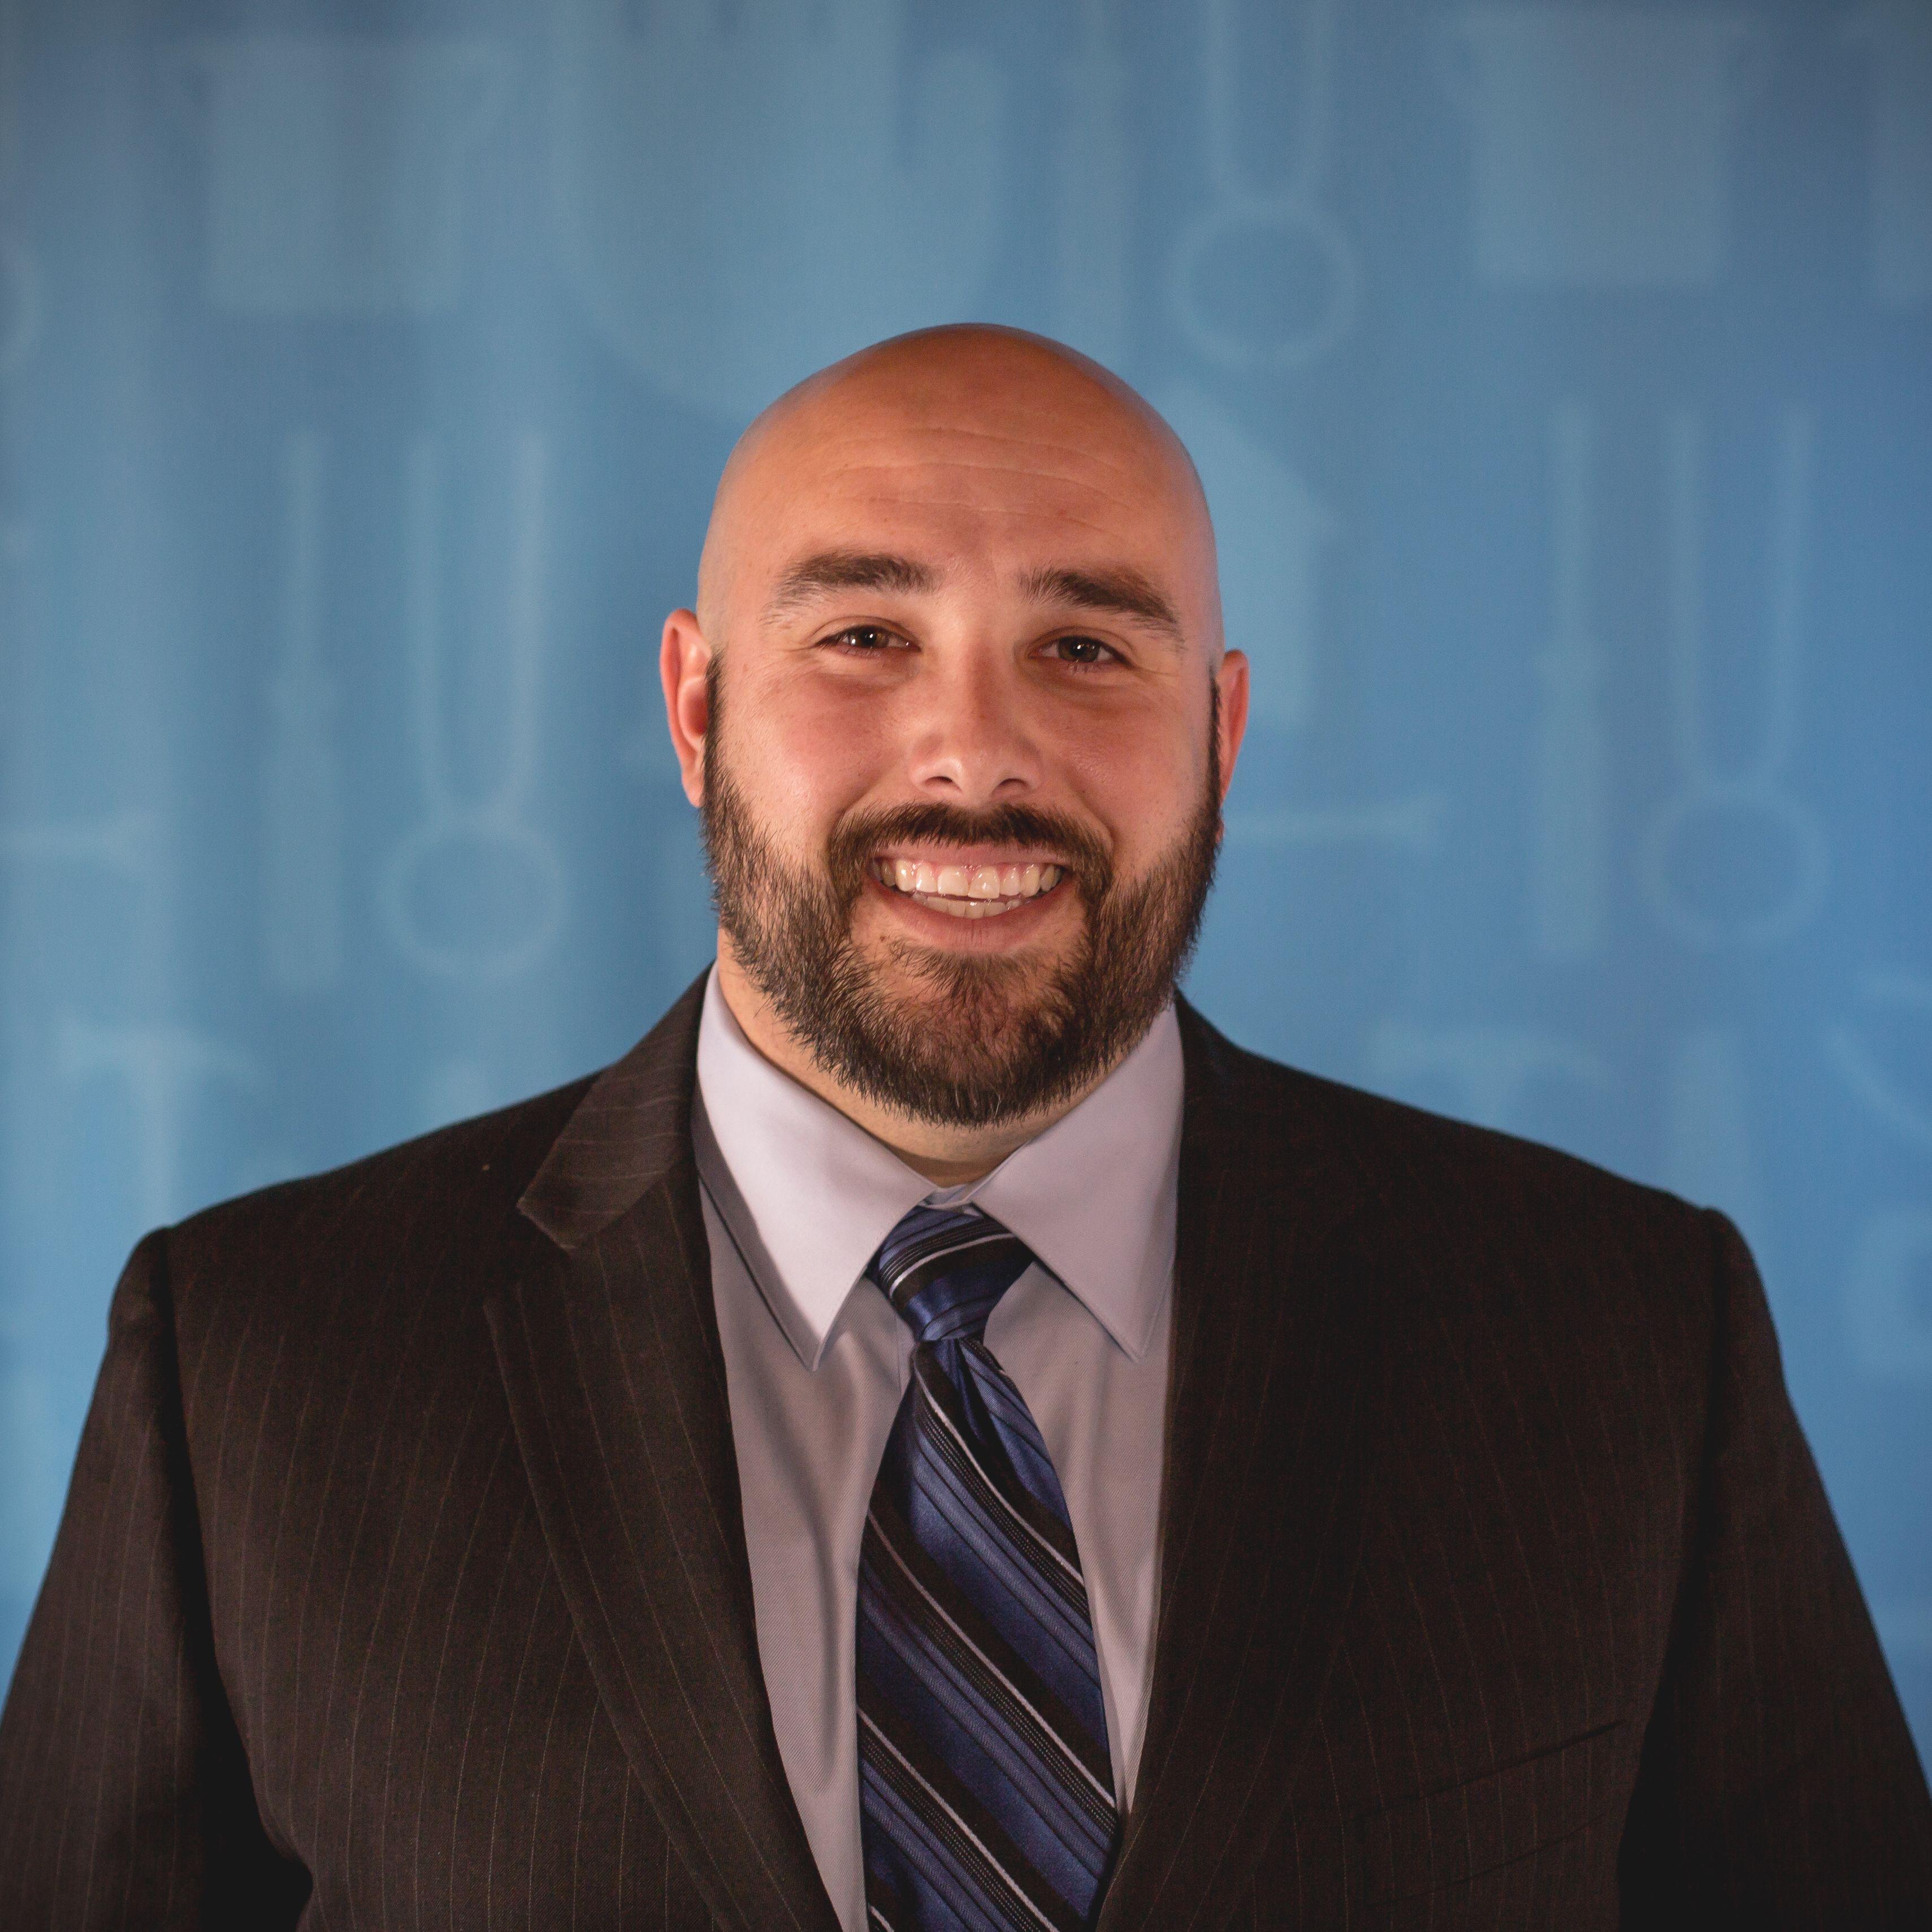 Jeremy Trujillo